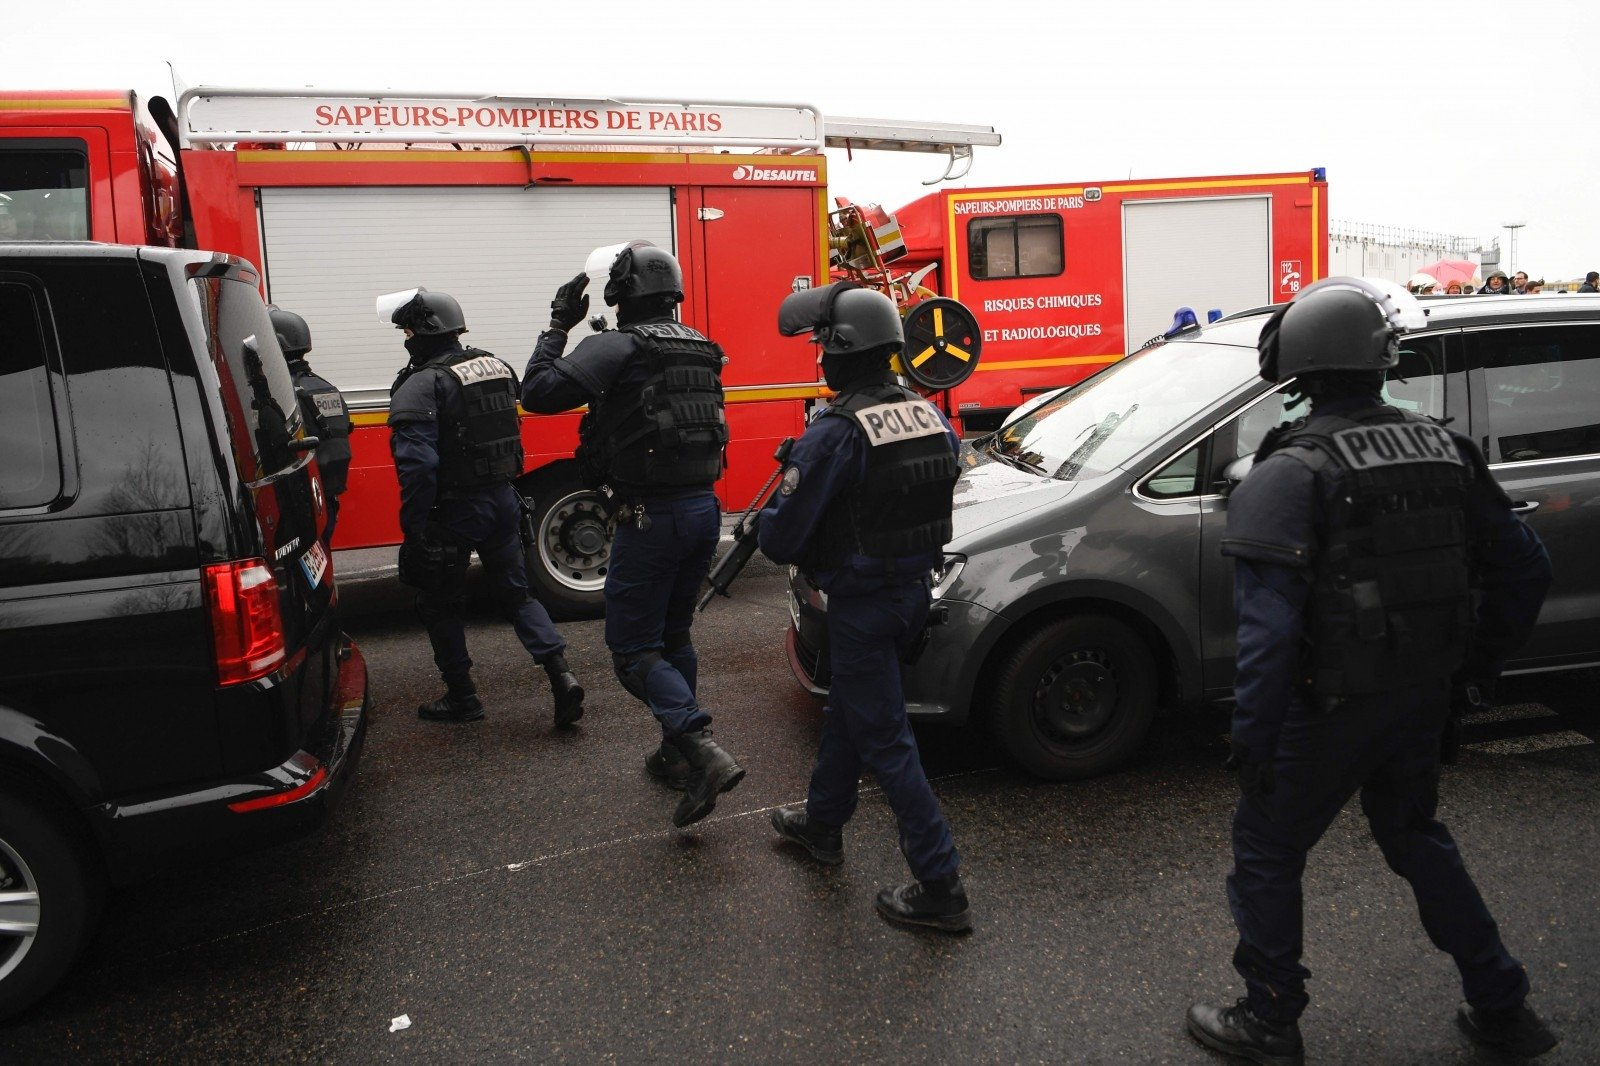 Аэропорт Парижа эвакуировали из-за нападения навоенных